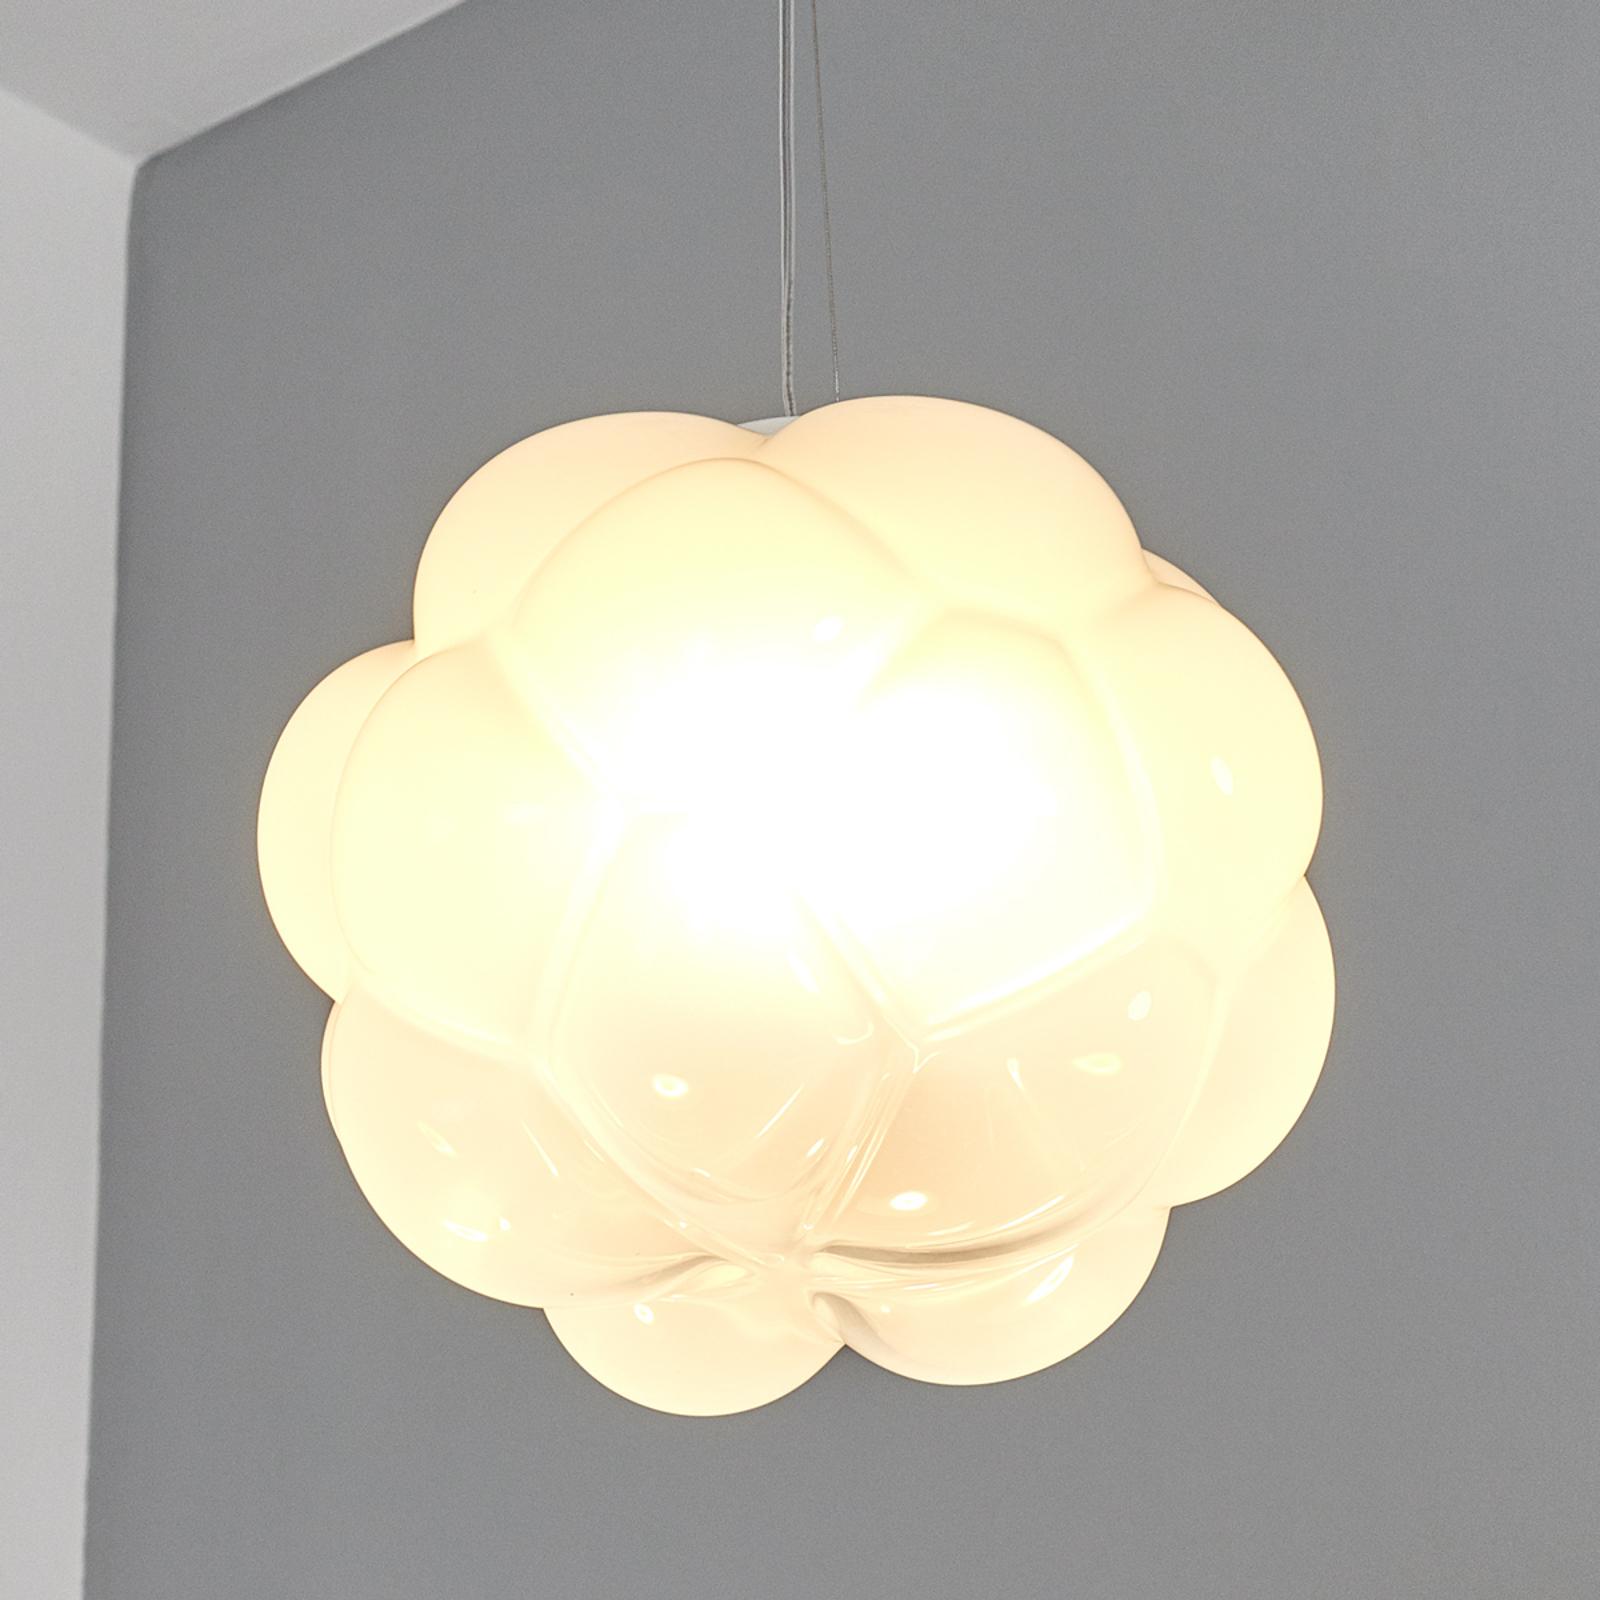 Fabbian Cloudy - LED-hængelampe, skyformet, 26 cm